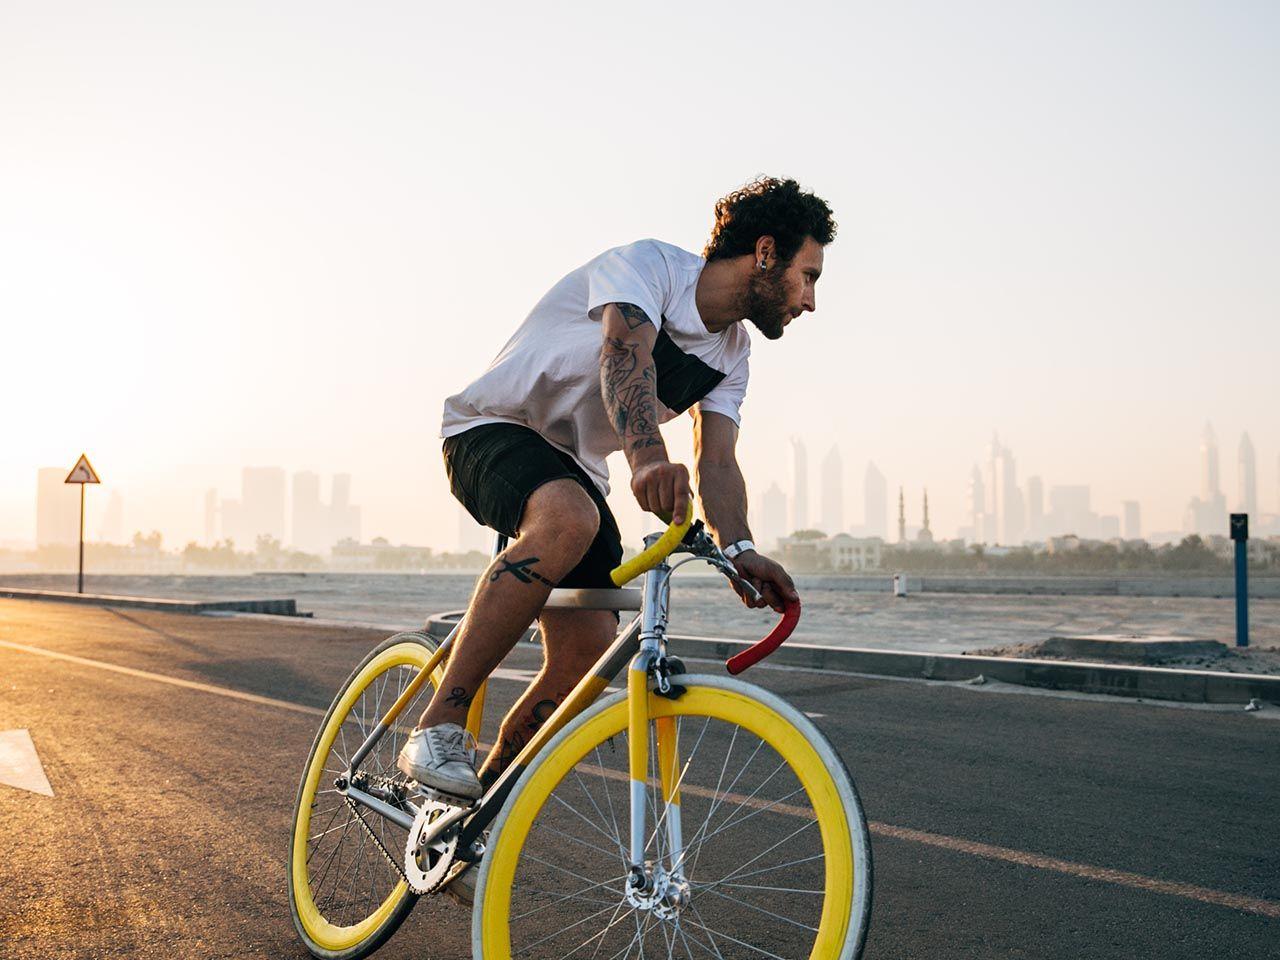 b486e784dfa2de Jaki rower kupić - nowy czy używany? Przed takim dylematem stoi wiele osób,  które chcą otrzymać produkt wysokiej jakości w atrakcyjnej cenie.